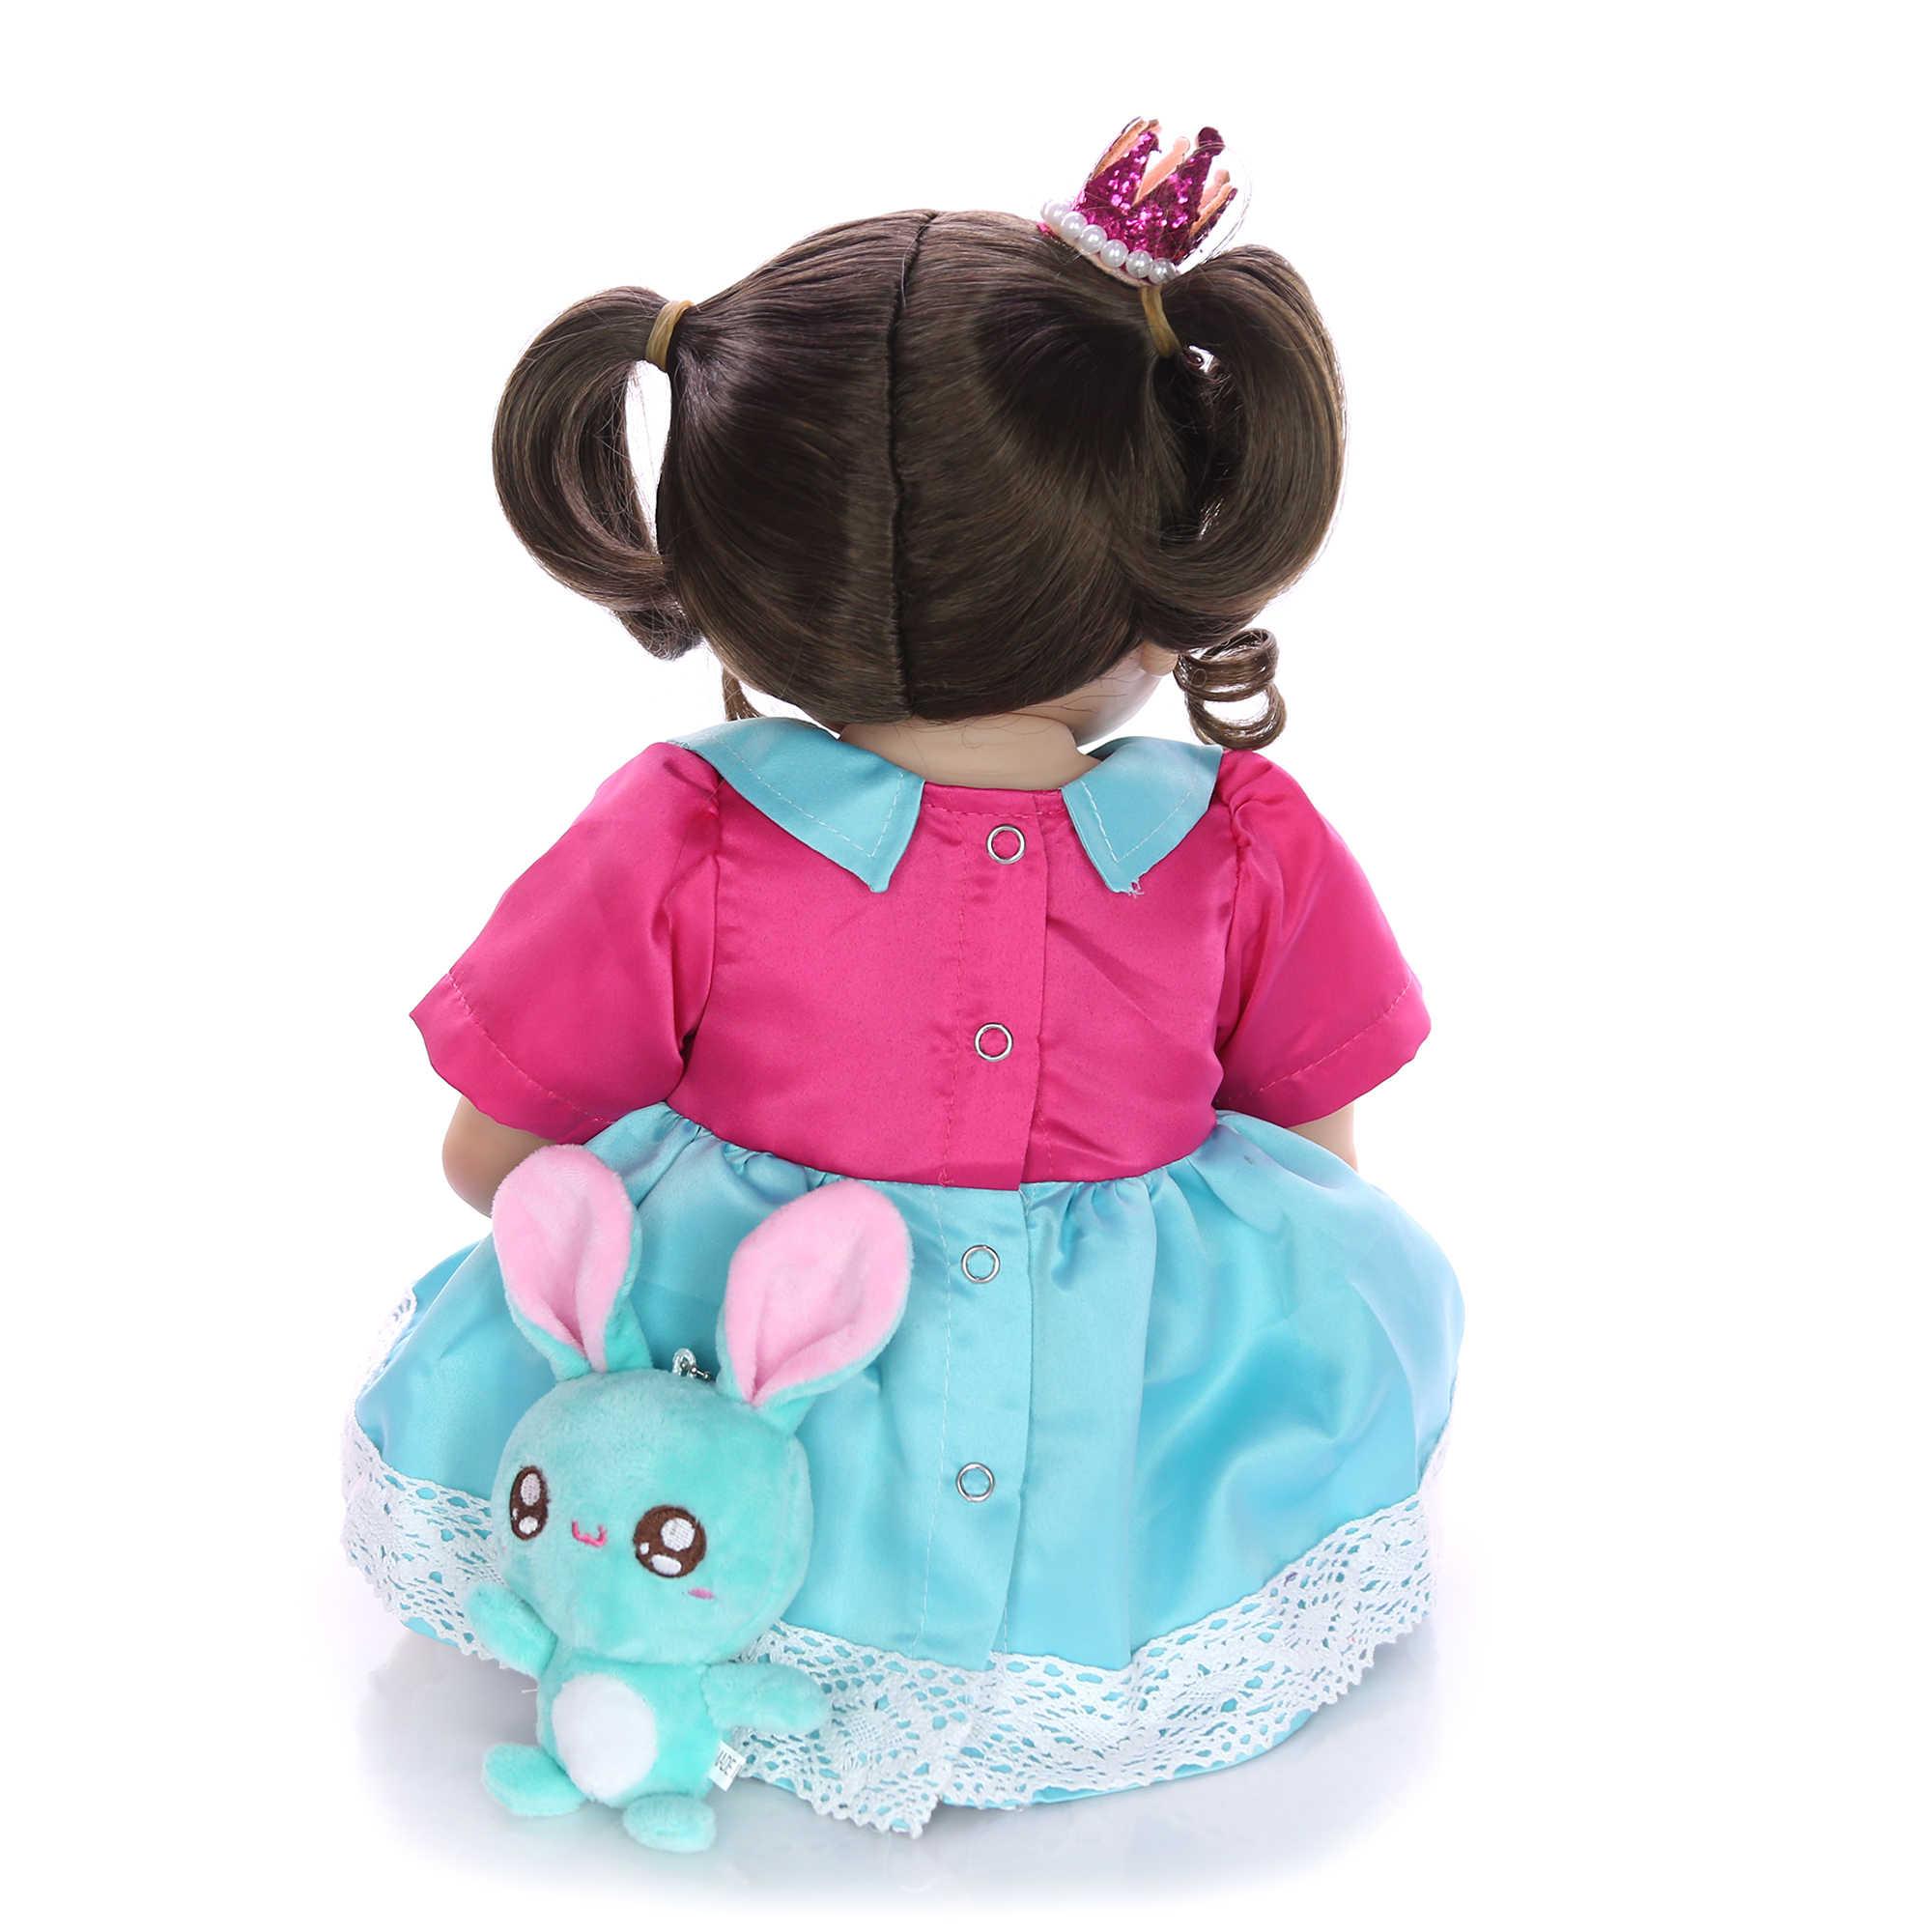 KEIUMI, Новое поступление, 23 дюйма, фантазийные куклы для новорожденных девочек, силиконовые виниловые куклы Boneca для новорожденных, Bebe Alive, подарок на день рождения для детей